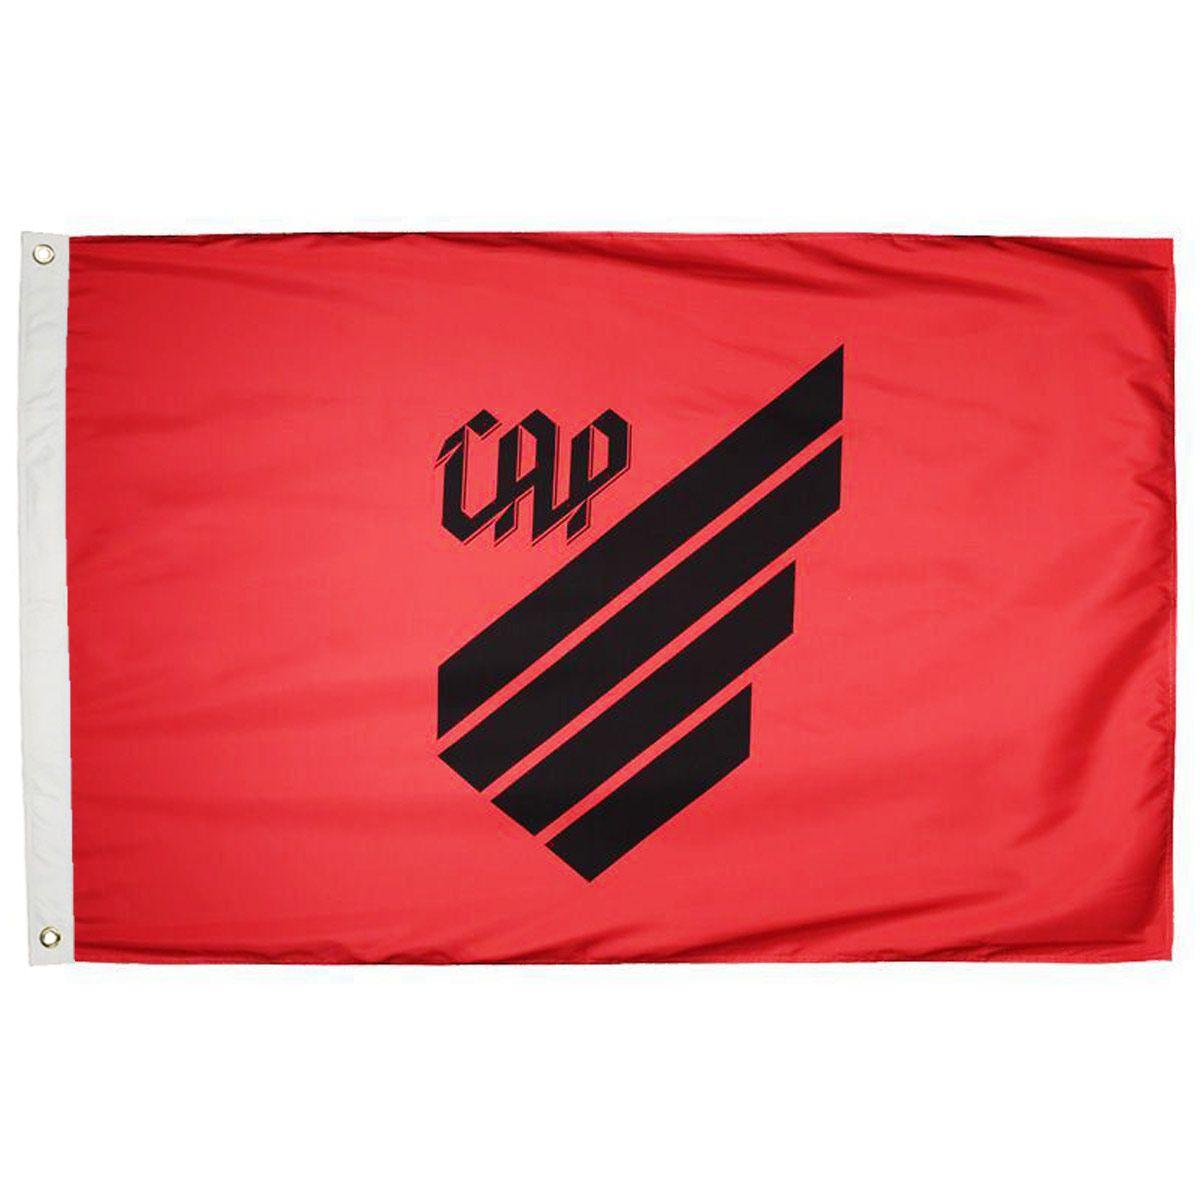 Bandeira Oficial do Athletico Paranaense Vermelha 128 x 90 cm -  2 Panos